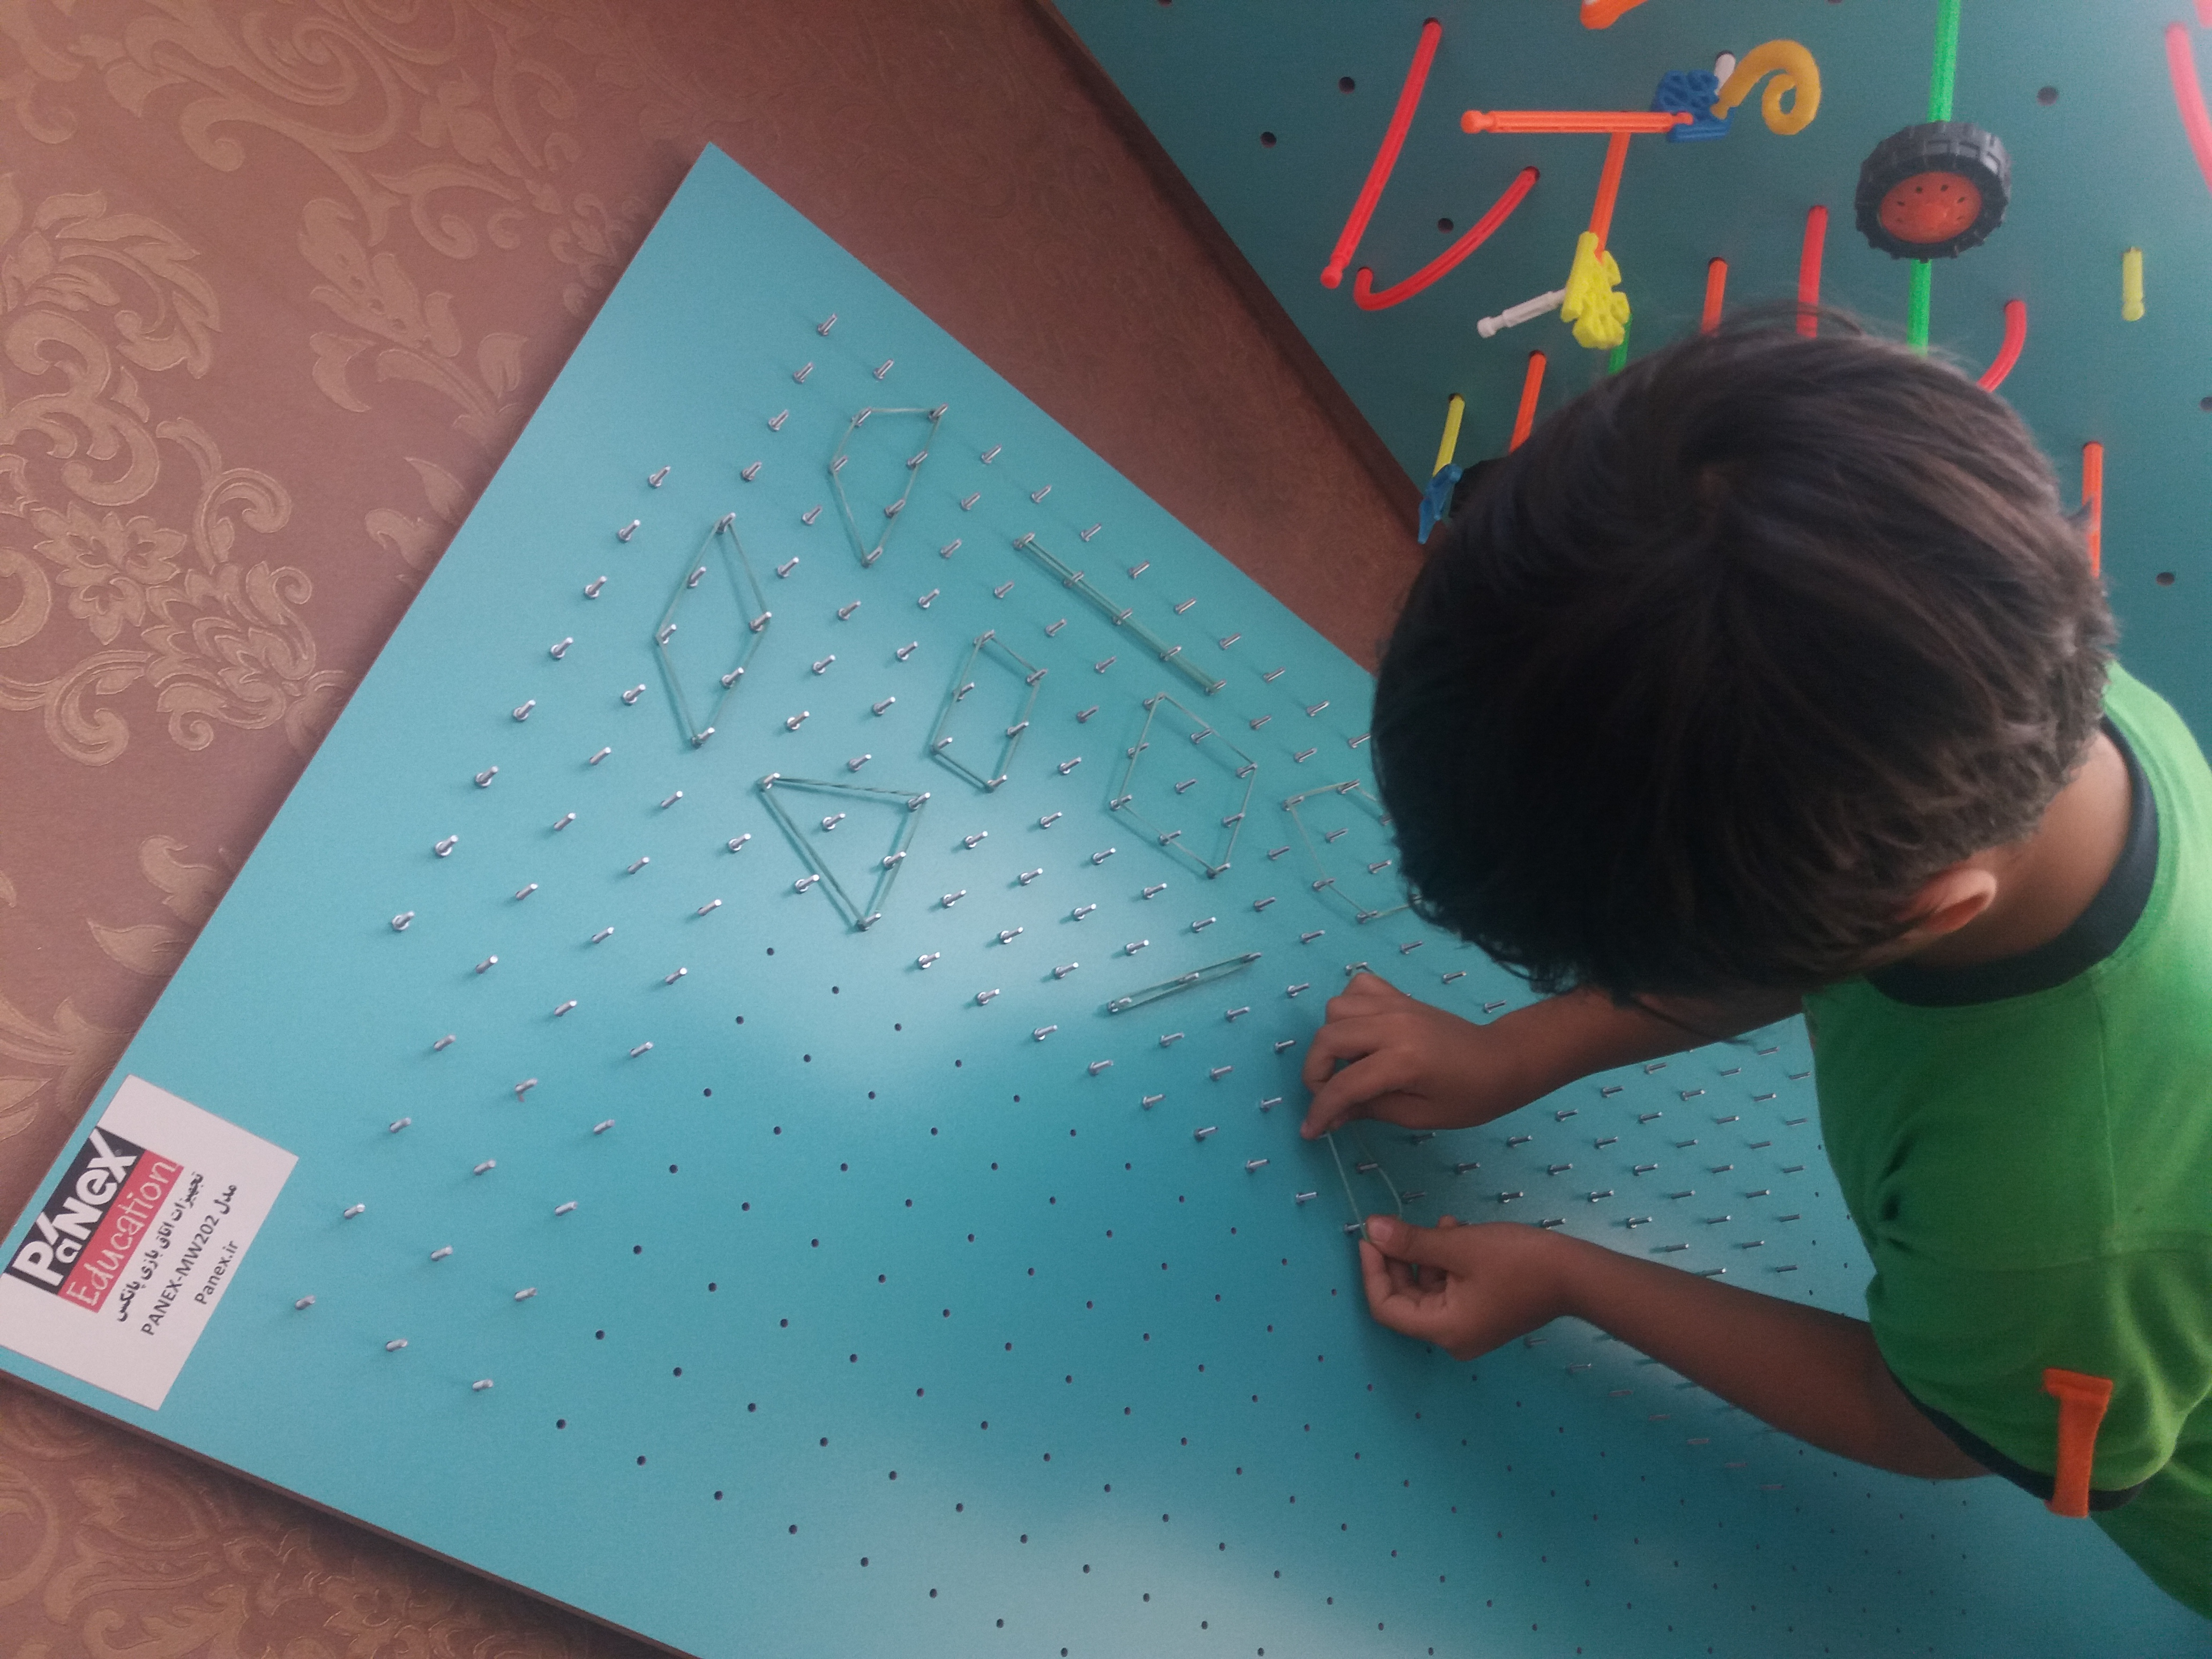 اتاق بازی - مهندسی خلاقیت